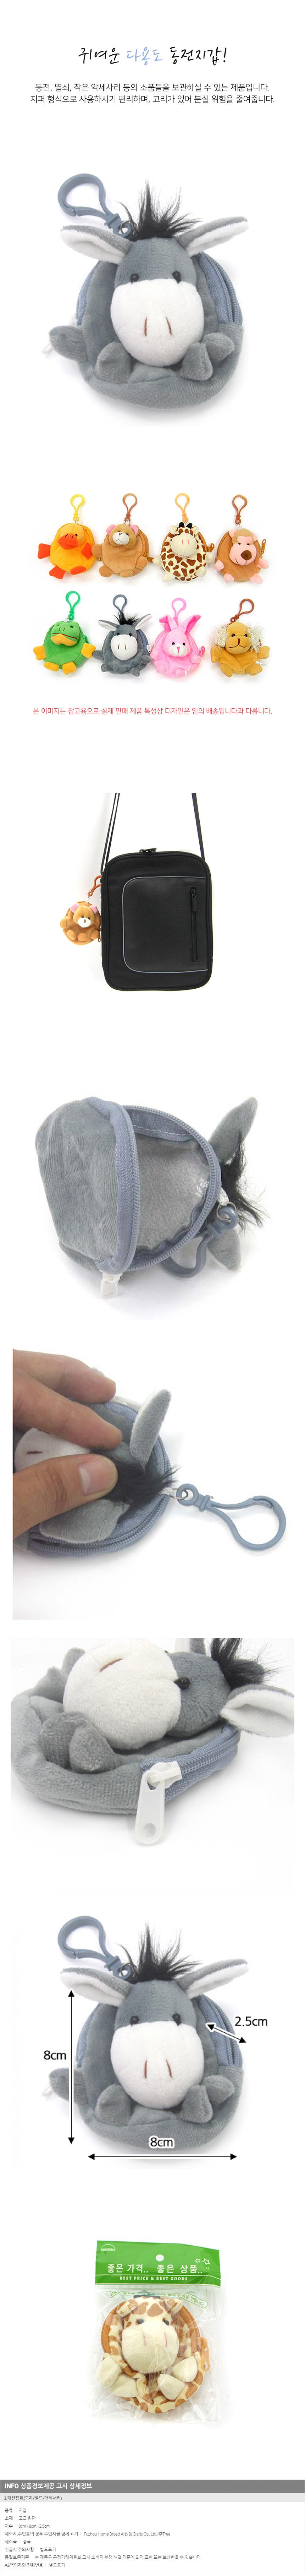 캐릭터 동전지갑 다용도 파우치 - 기프트갓, 1,250원, 동전/카드지갑, 동전지갑